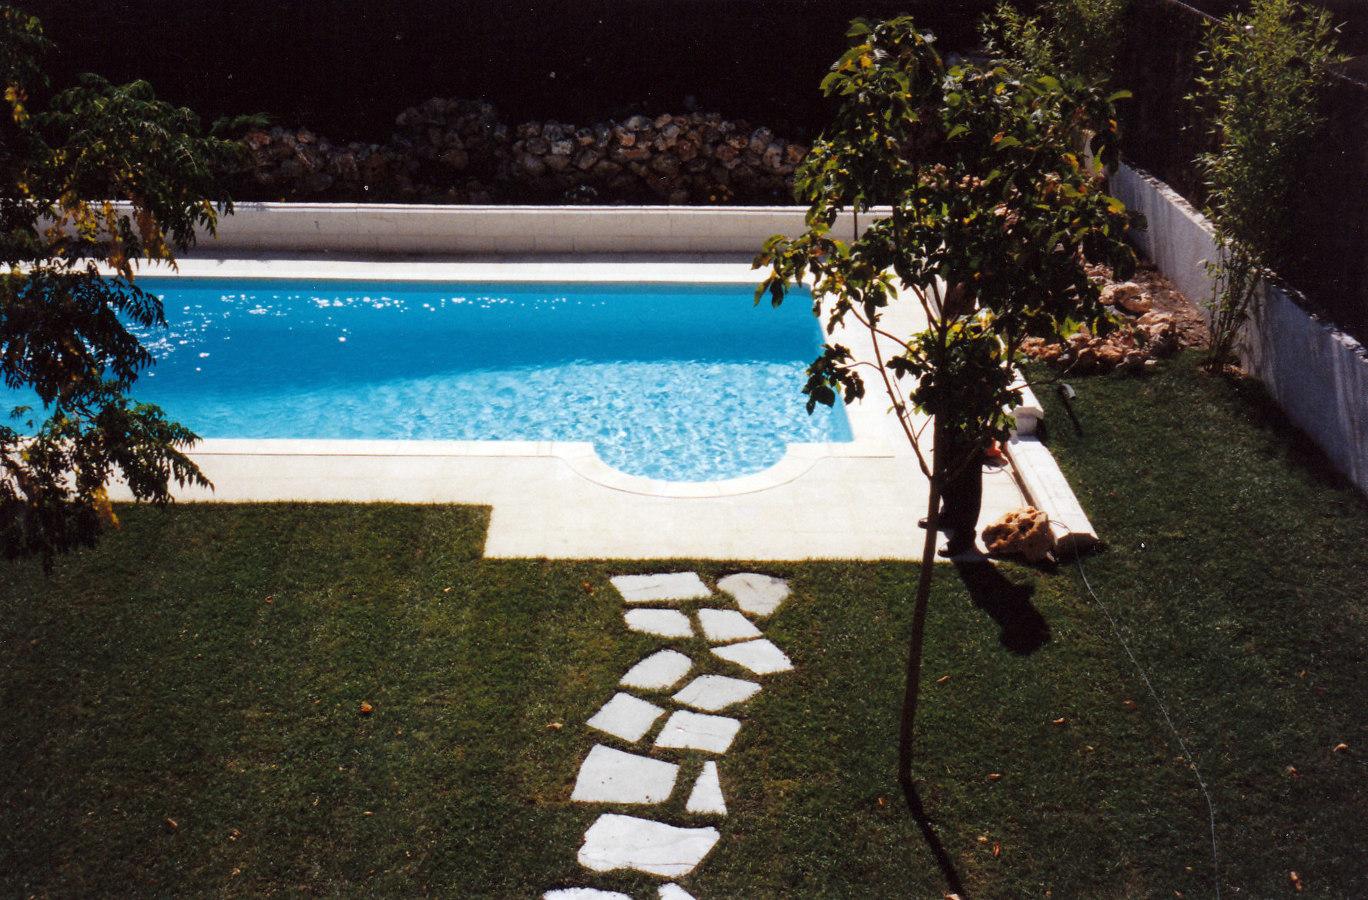 Foto piscina y jardin sevilla la nuena de jardines paco s - Jardin y piscina ...